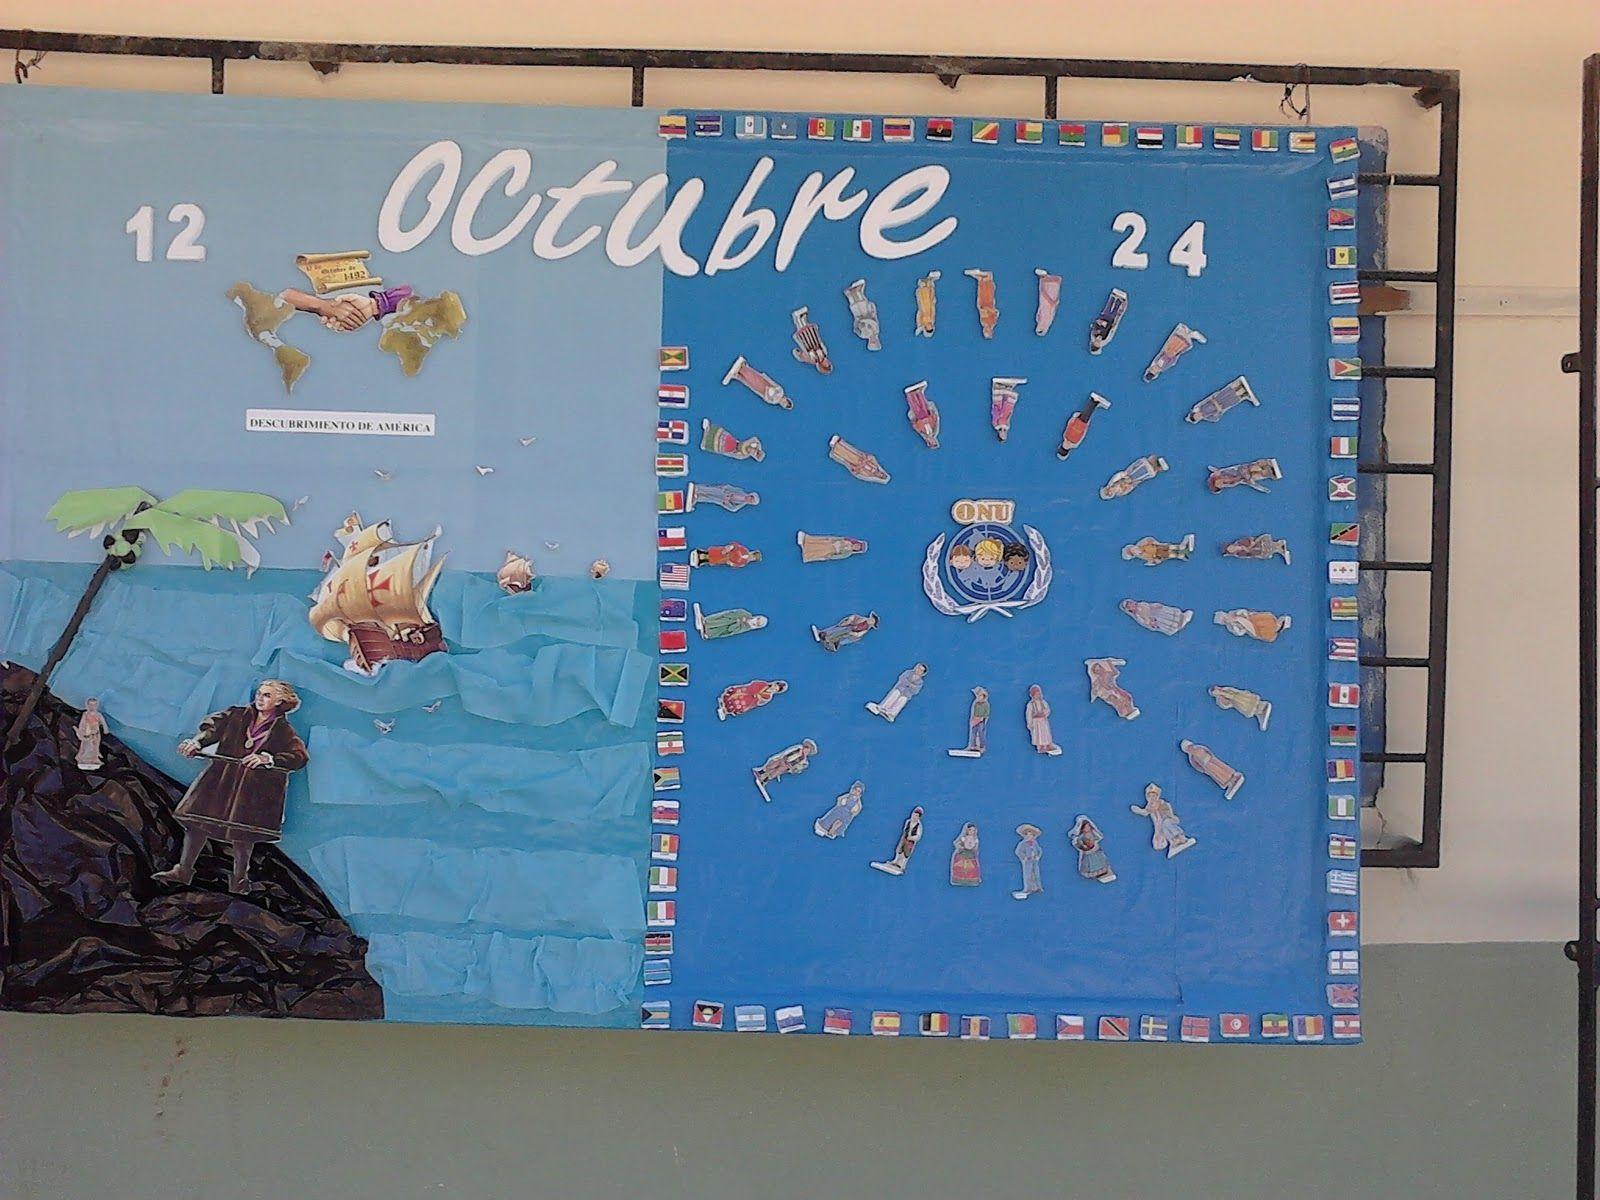 Lic benito juarez garcia periodico mural 2011 2012 my for El periodico mural